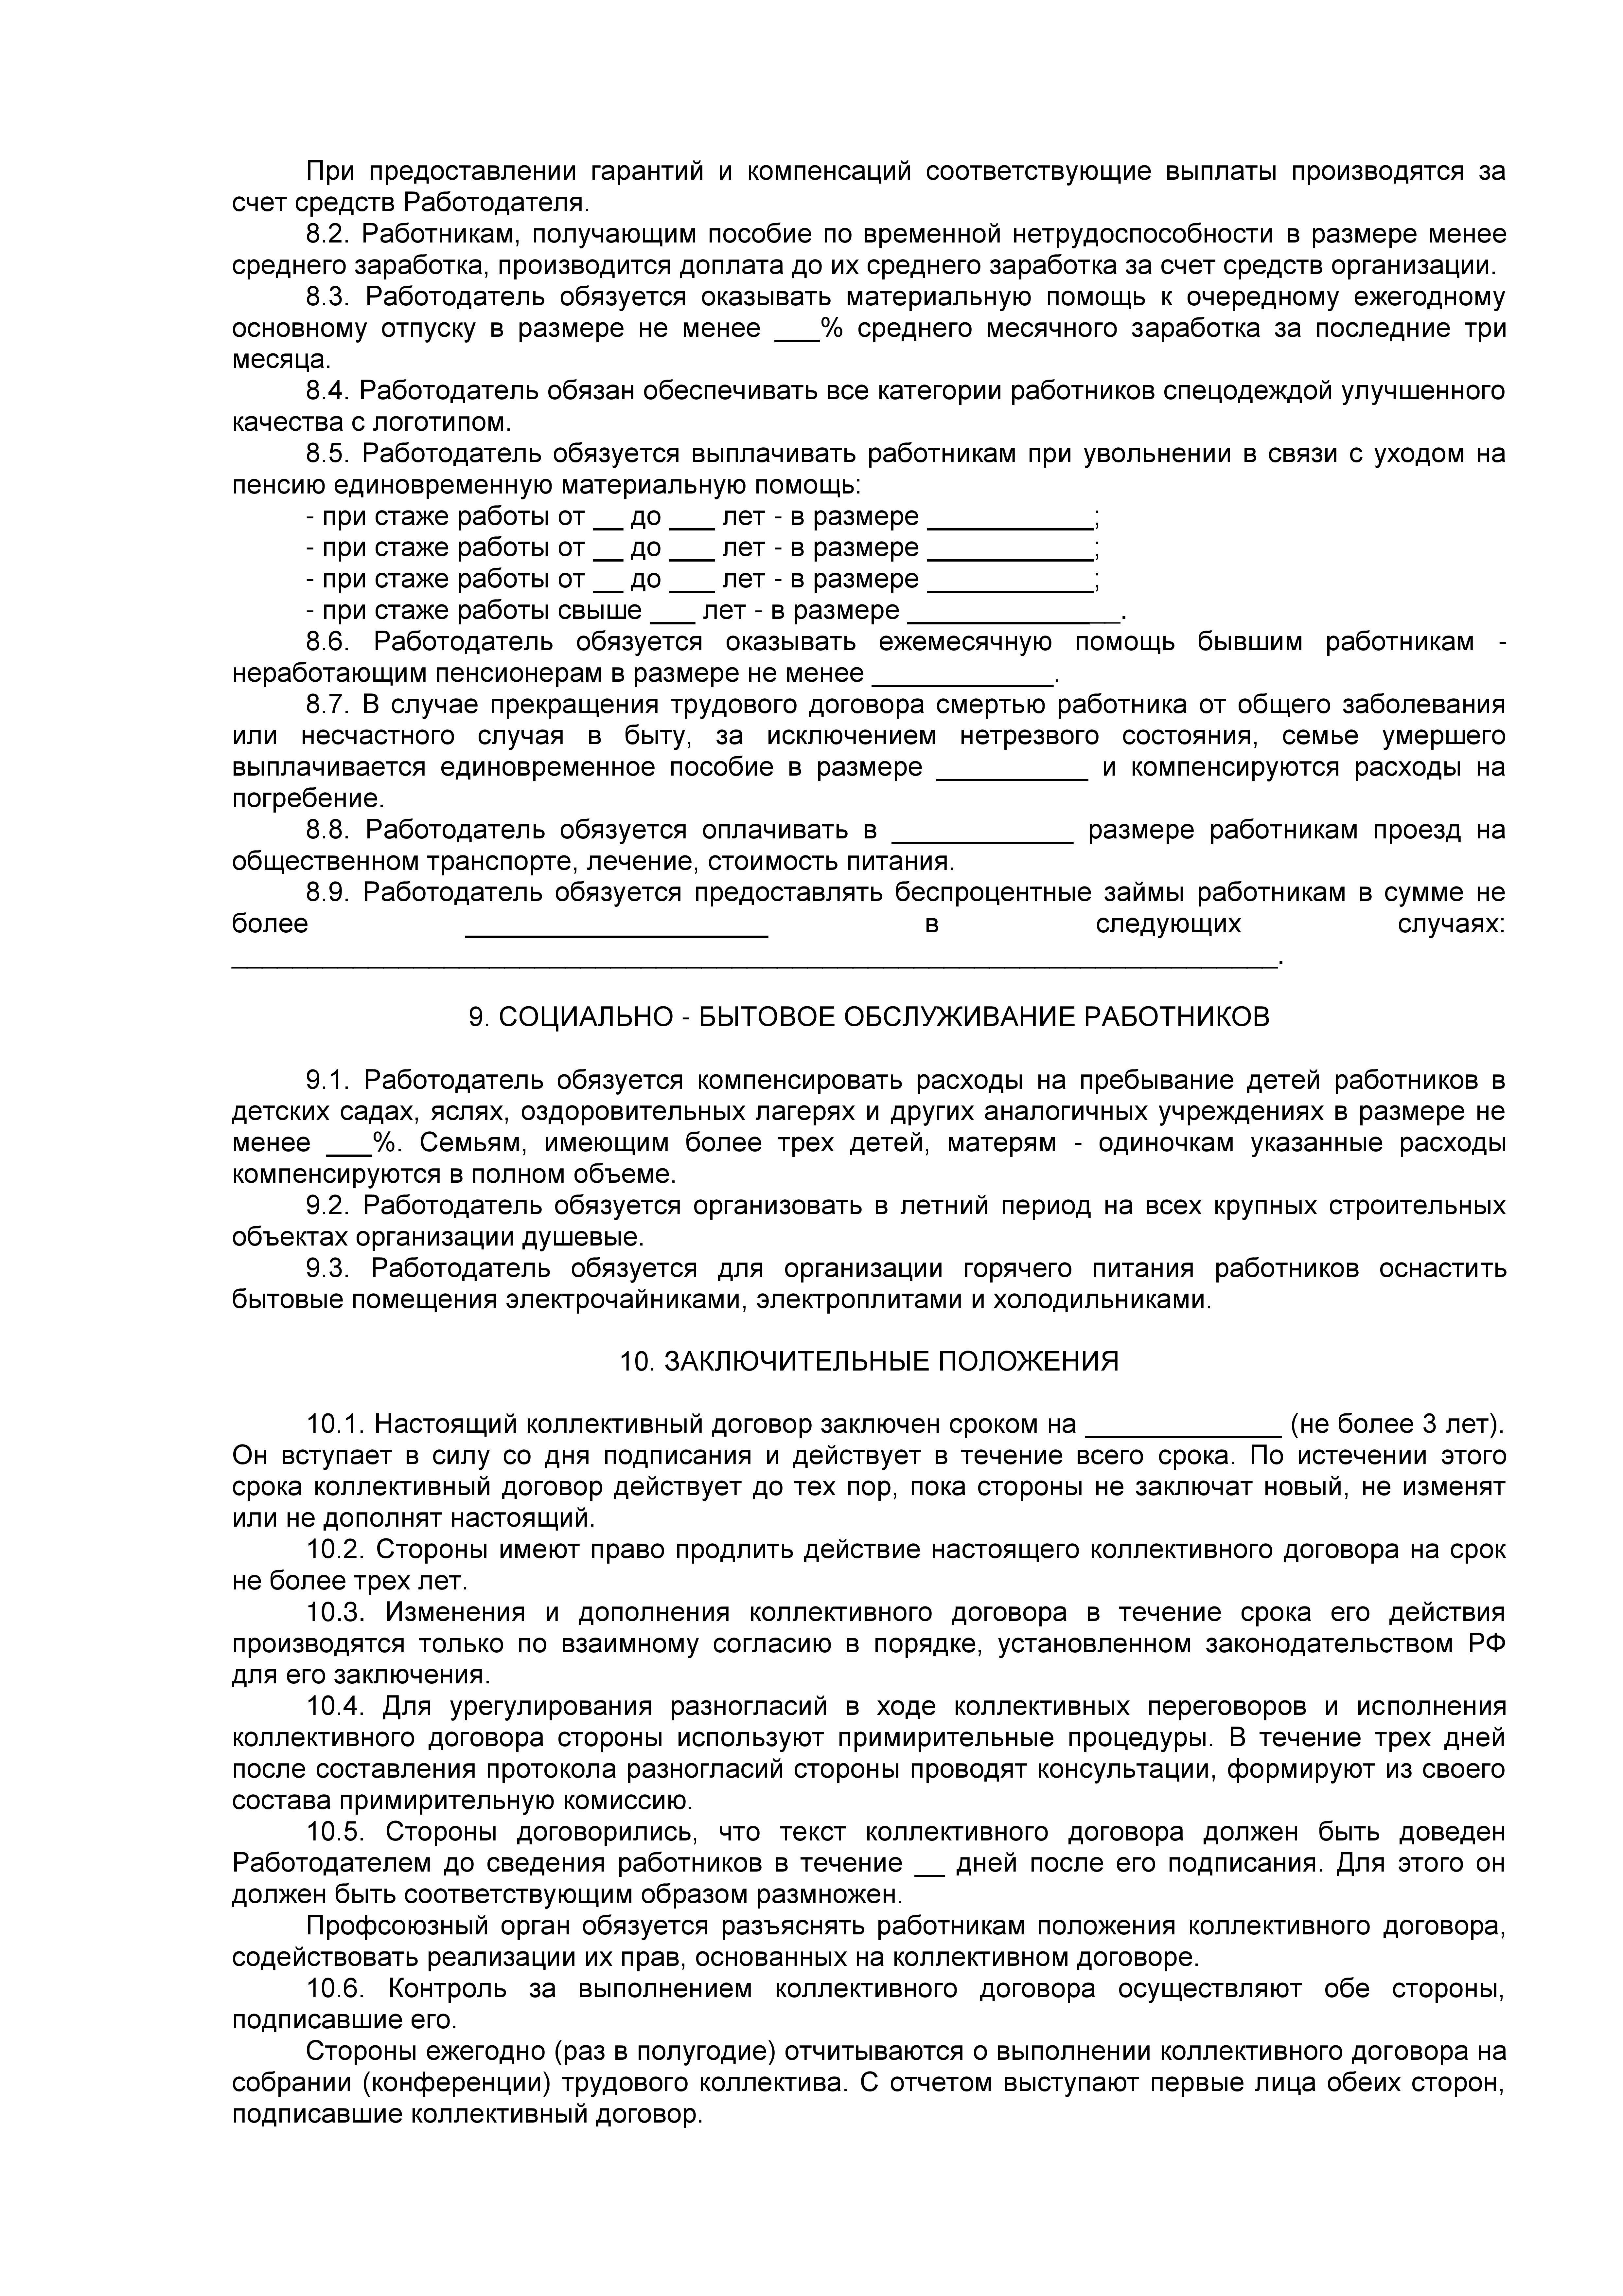 коллективный договор строительной организации